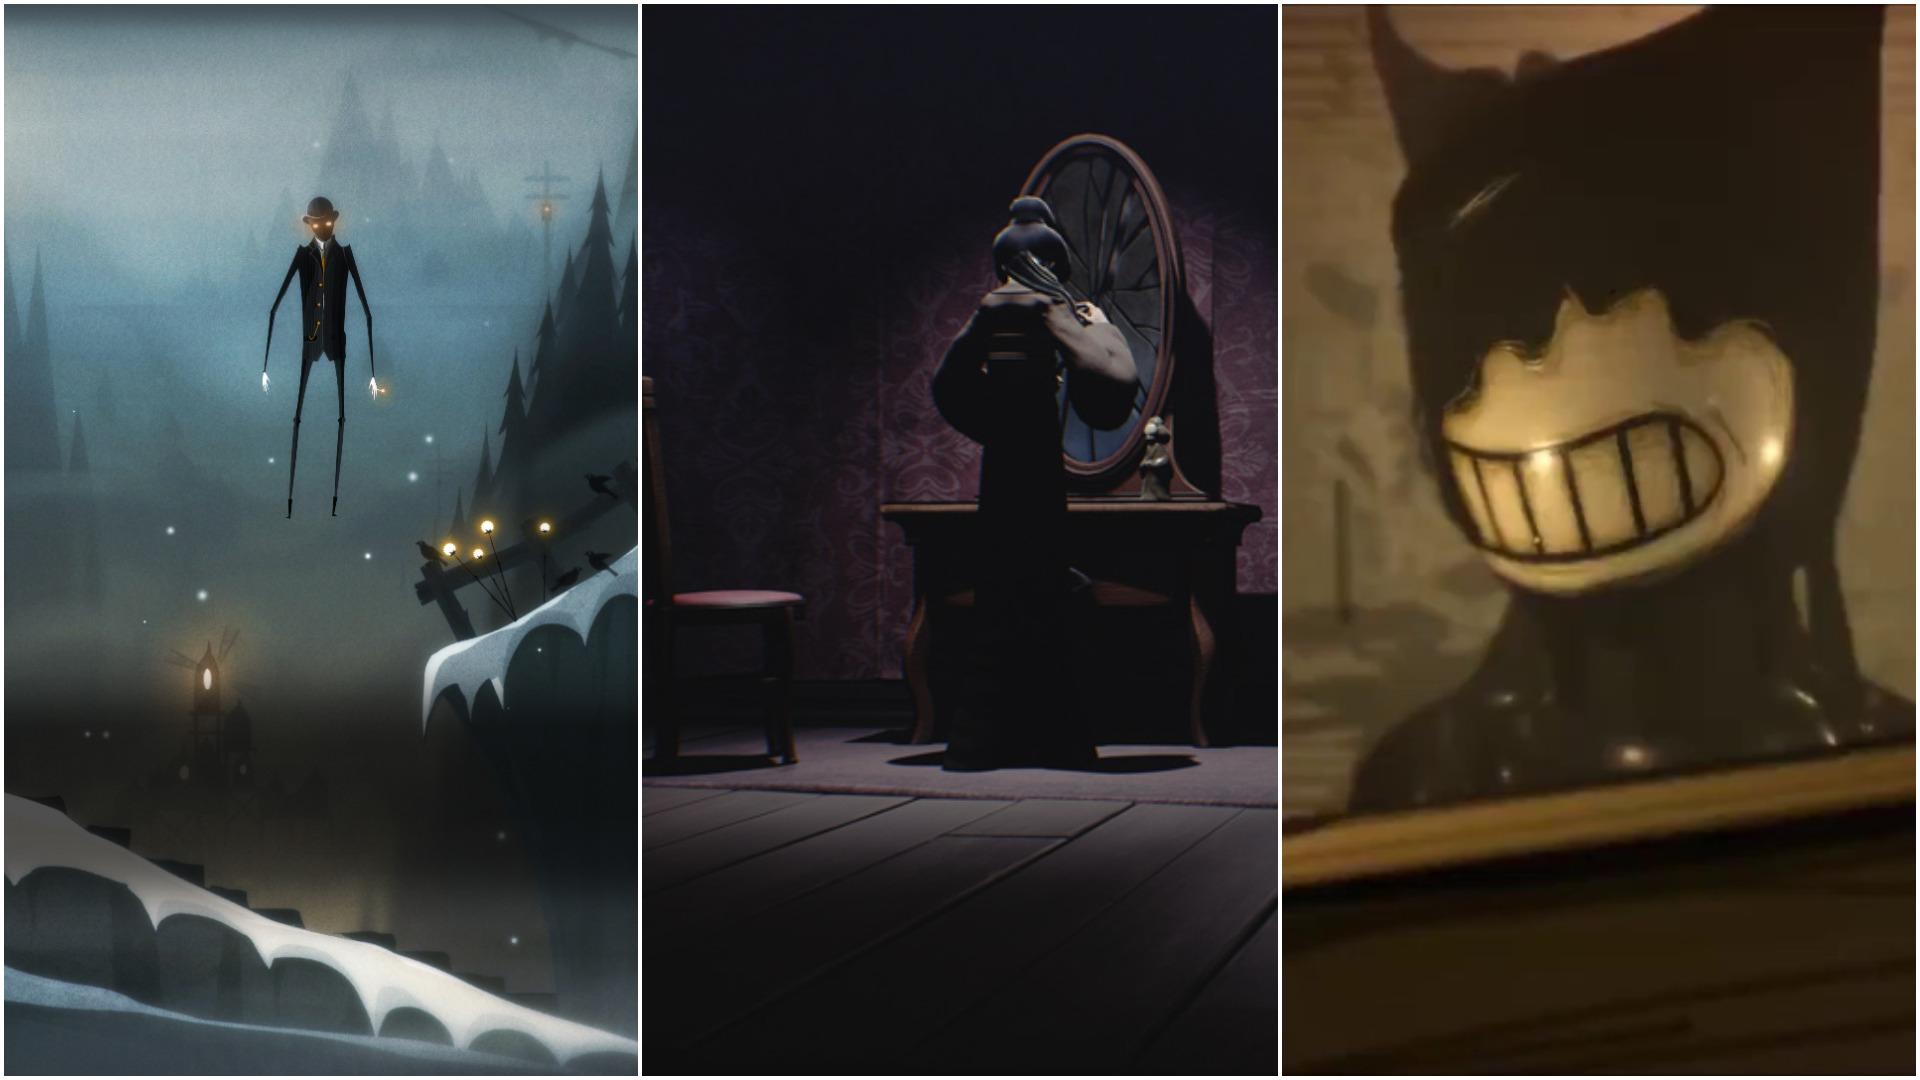 7 Creepiest Indie Game Villains